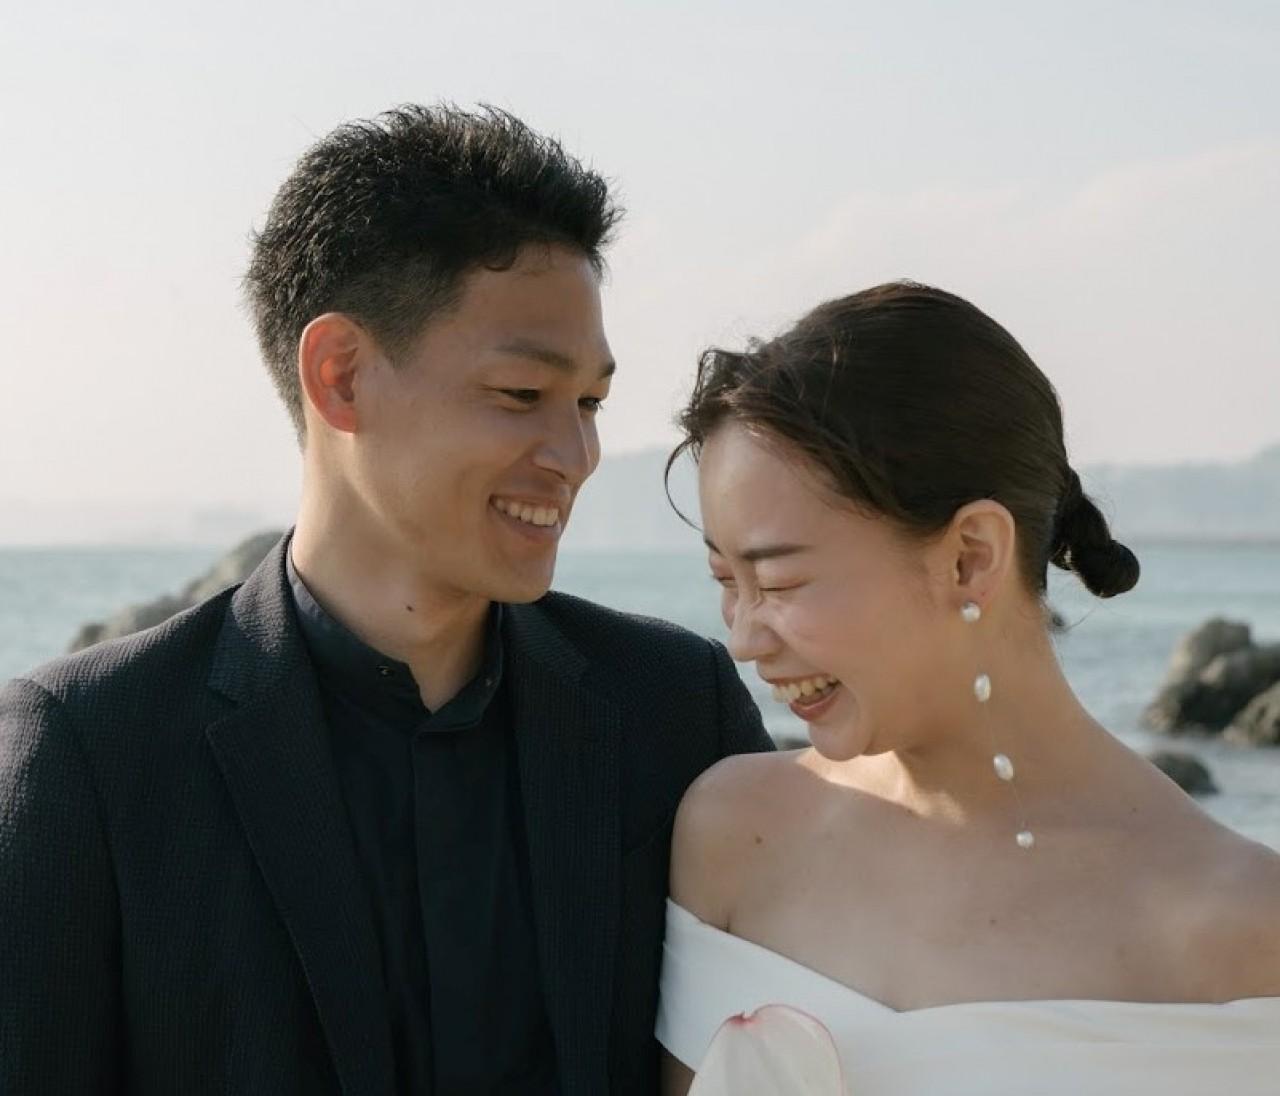 【Wedding】3か月後、ここで結婚式を挙げます!